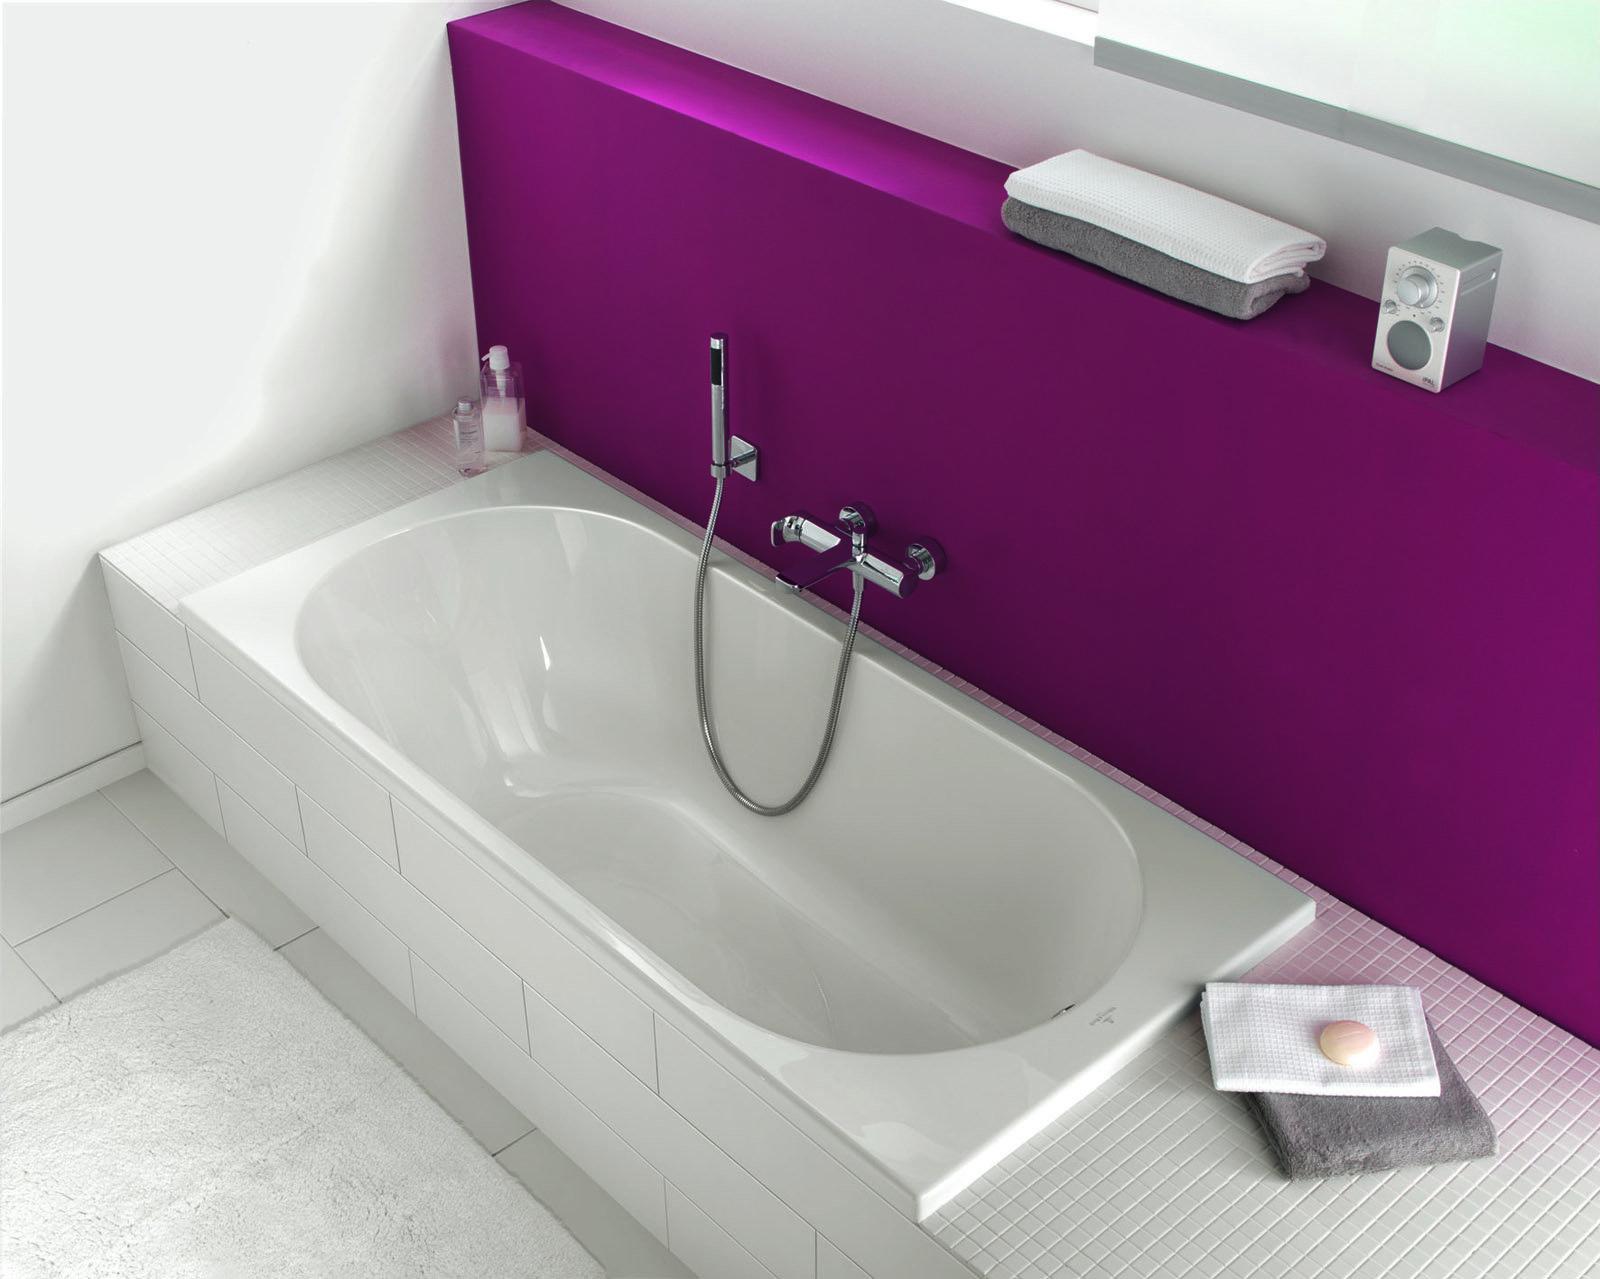 Casa immobiliare accessori vasche da bagno da incasso prezzi - Vasche da bagno rotonde ...